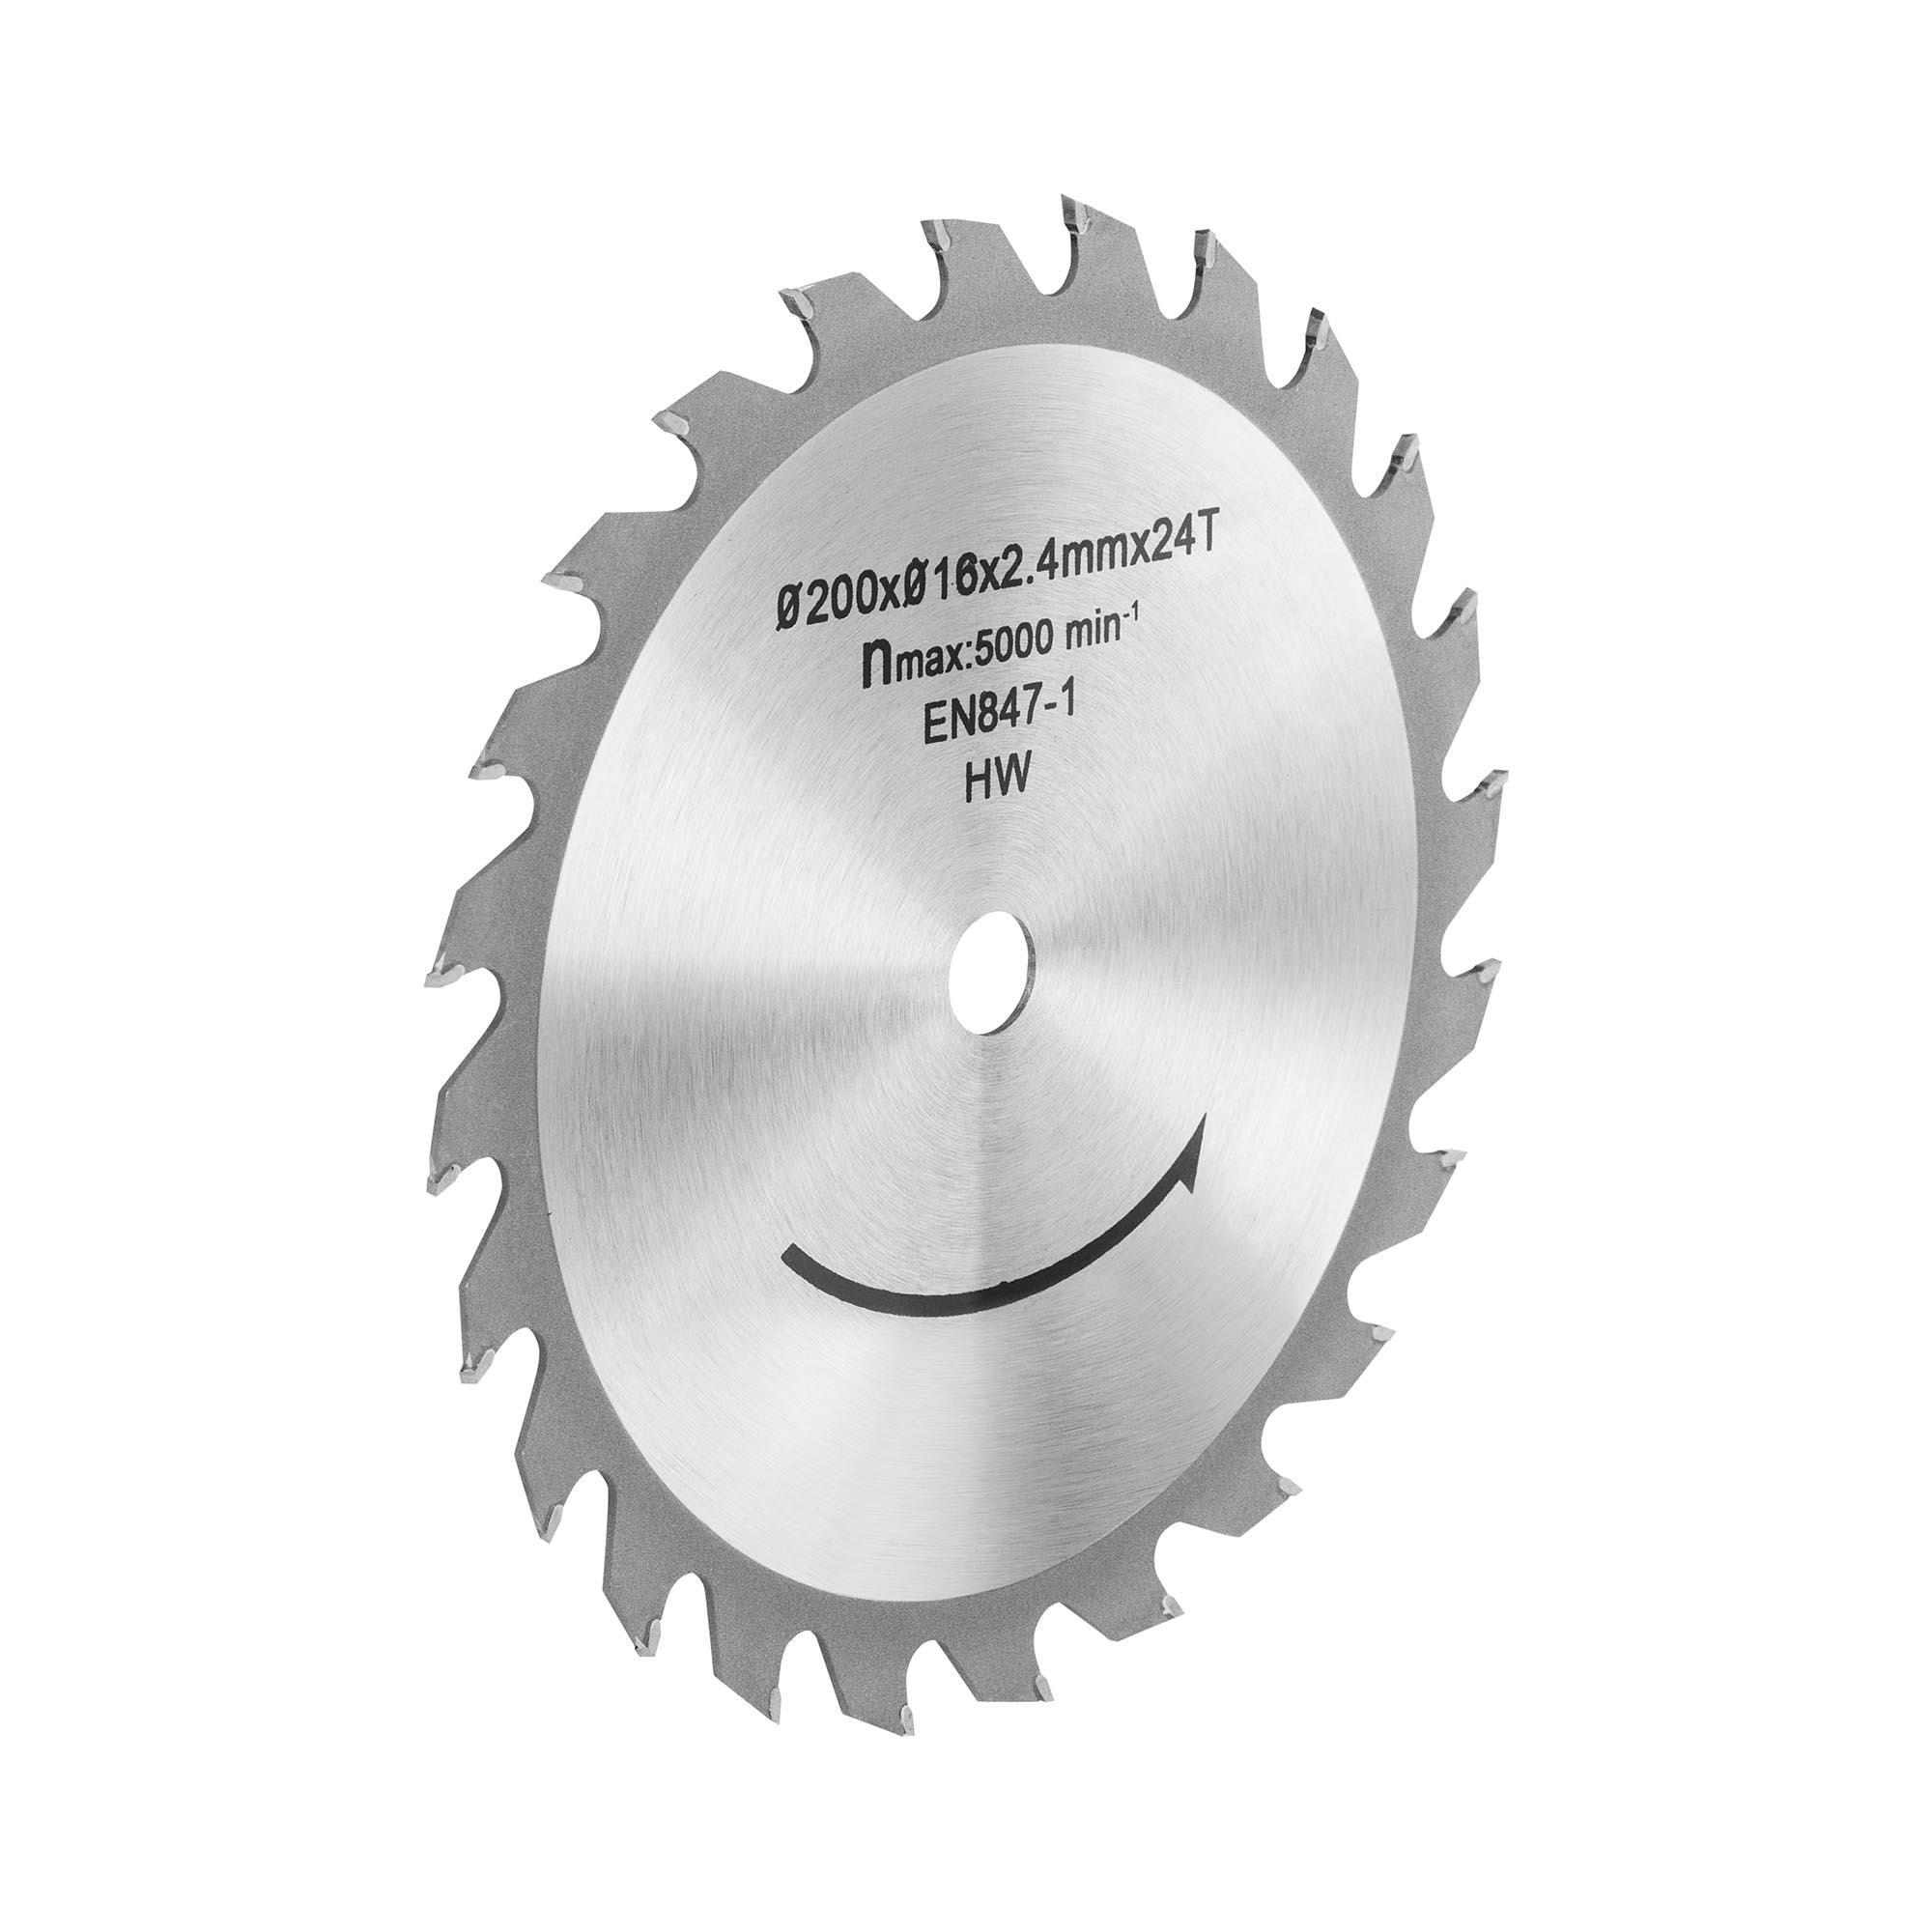 MSW Tischkreissägeblatt - Ø200 mm 10060800